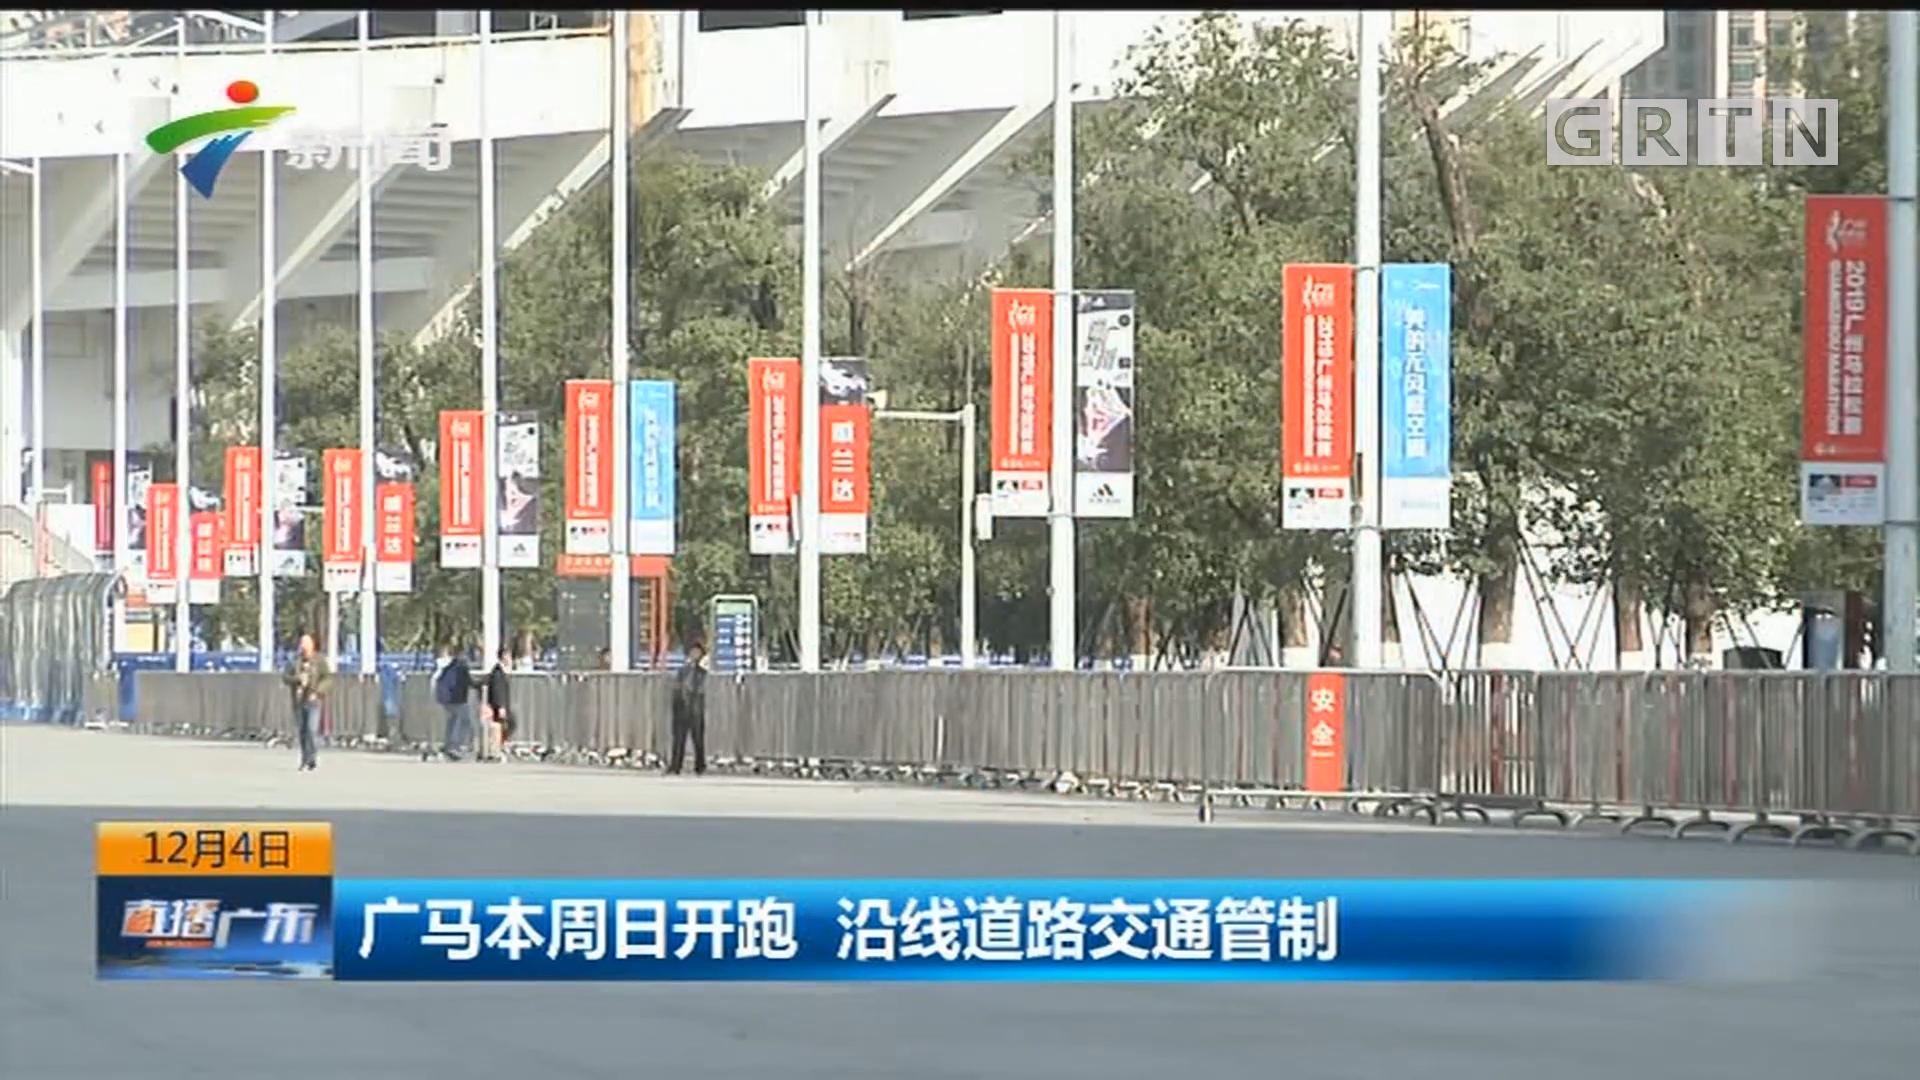 广马本周日开跑 沿线道路交通管制